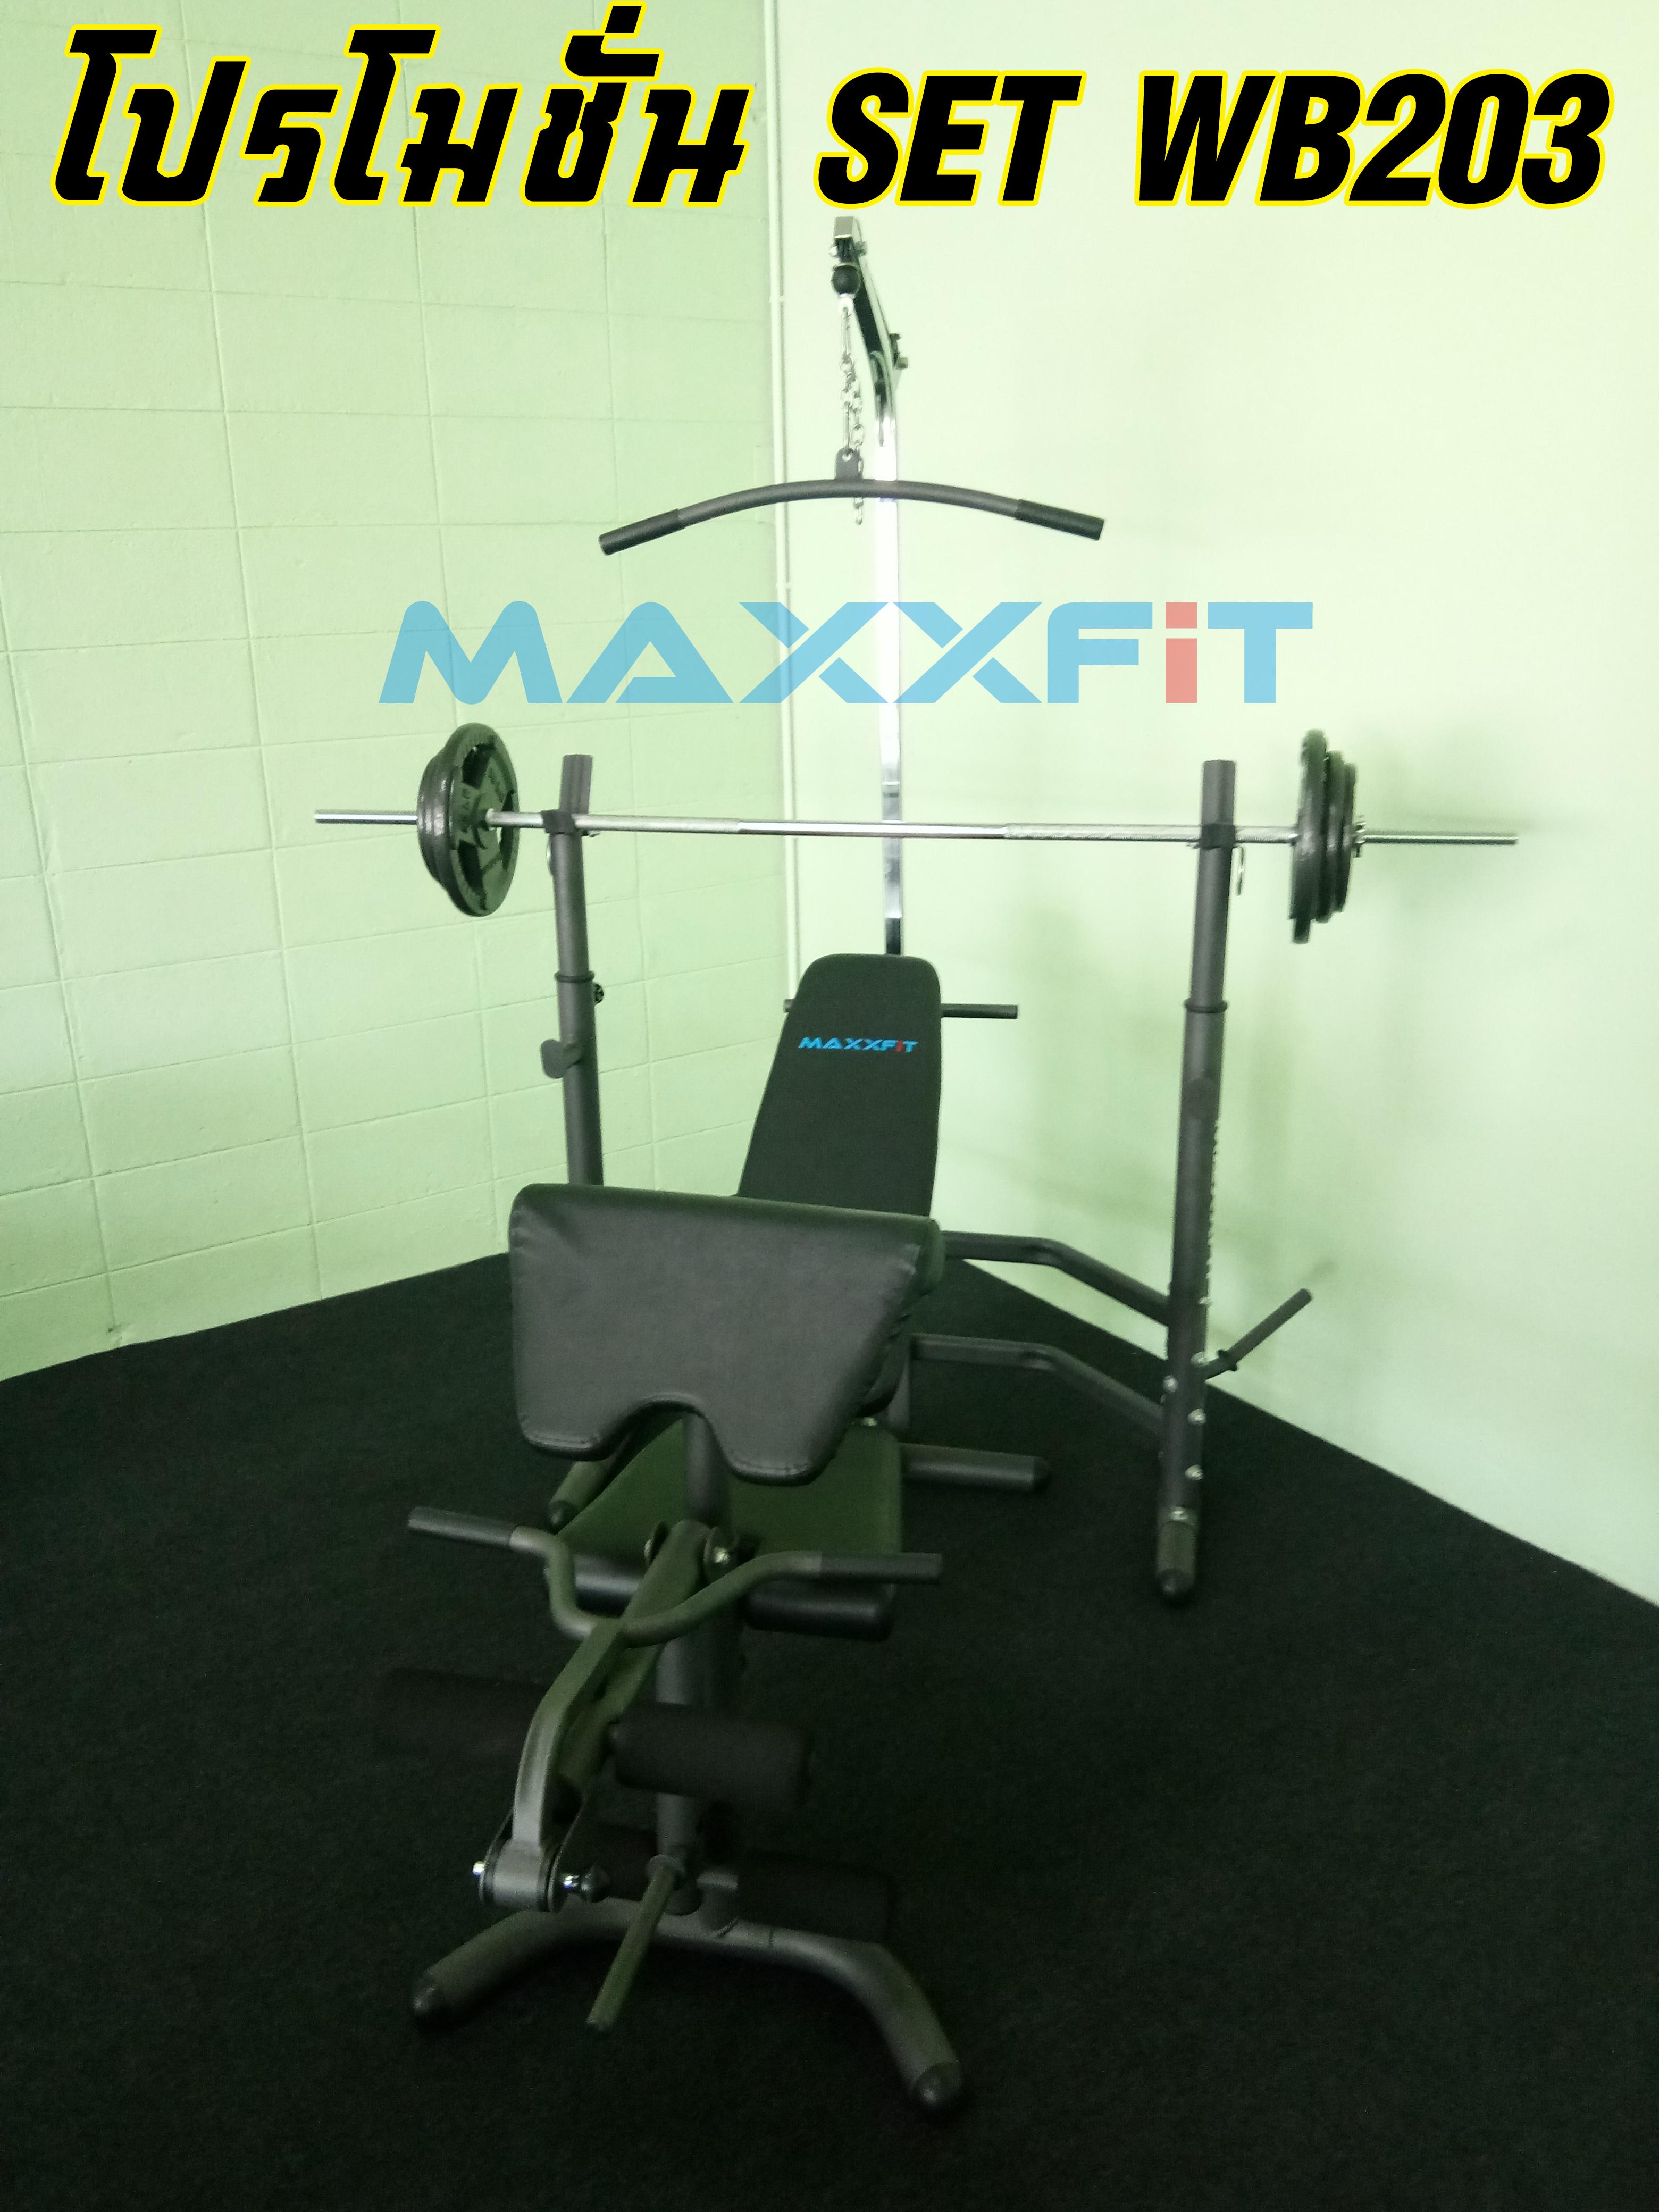 โปรโมชั่น SET WB203 ม้านอนเล่นบาร์เบล MAXXFiT รุ่น WB203 (Weight Bench) พร้อมคานบาร์เบล 1.8 M. และแผ่นน้ำหนักรวม 35 KG.